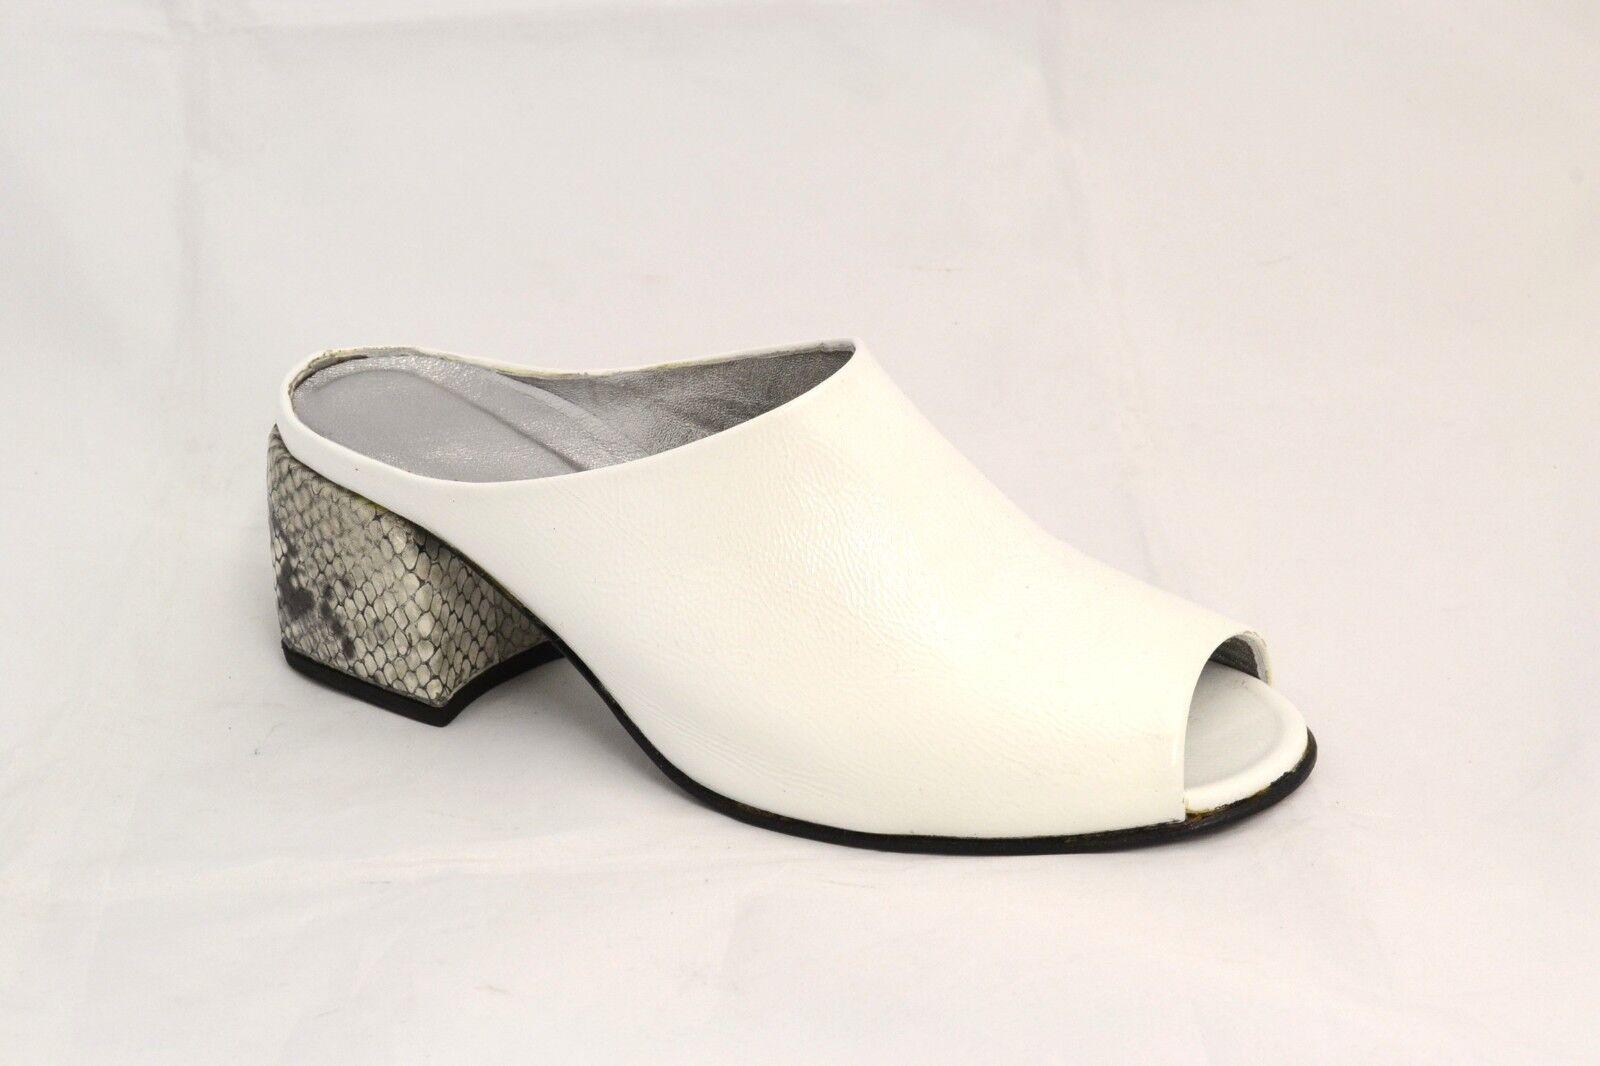 zapatos SABOT mujer SPUNTATO PELLE blanco LUCIDA blanco PELLE 100% FATTO IN ITALIA 8275f3